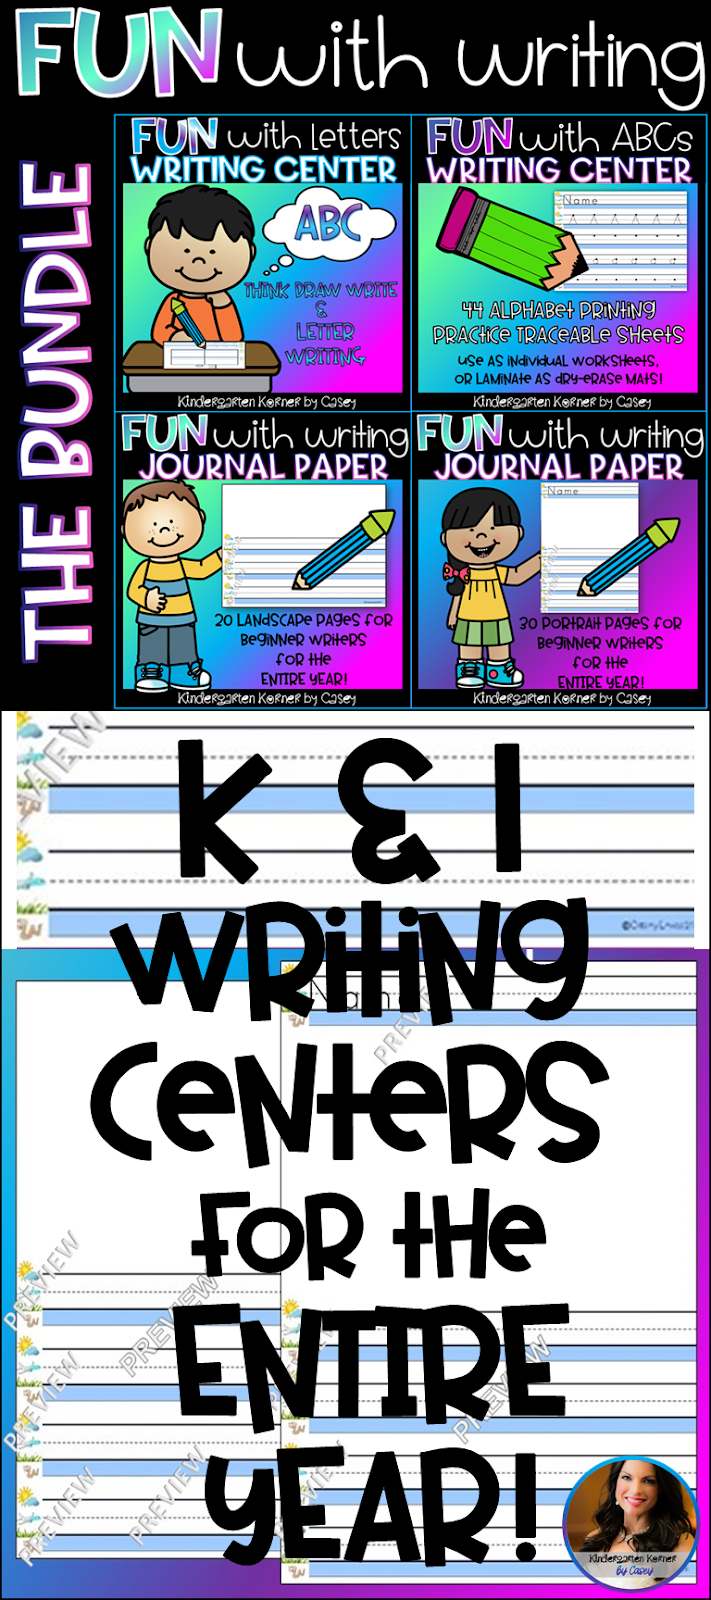 Creating Writing Centers in Kindergarten \u0026 1st Grade! - Kindergarten Korner [ 1600 x 711 Pixel ]